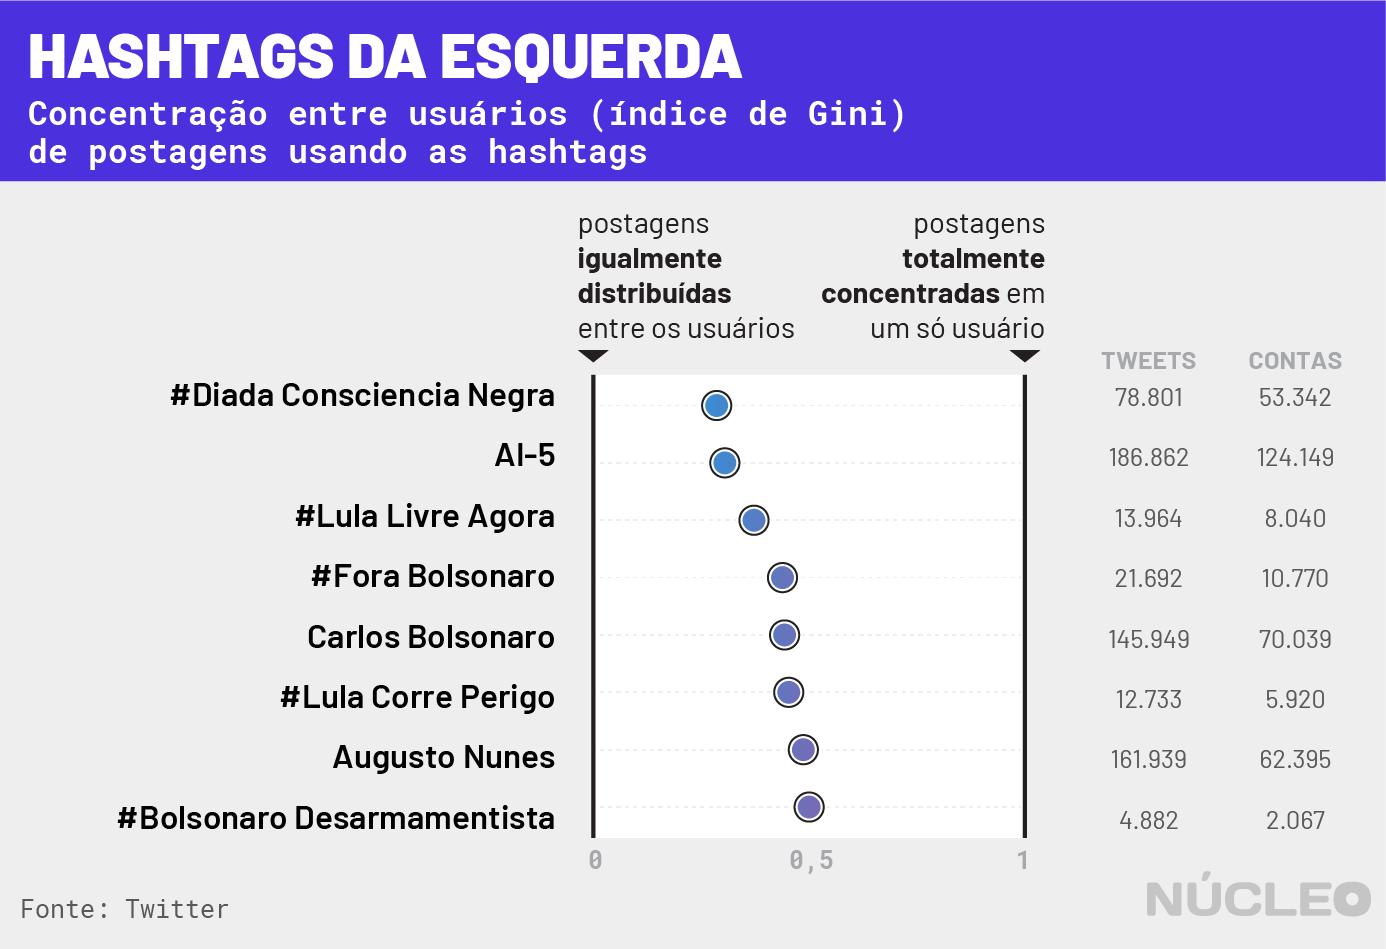 gráfico 4 - hashtags de esquerda